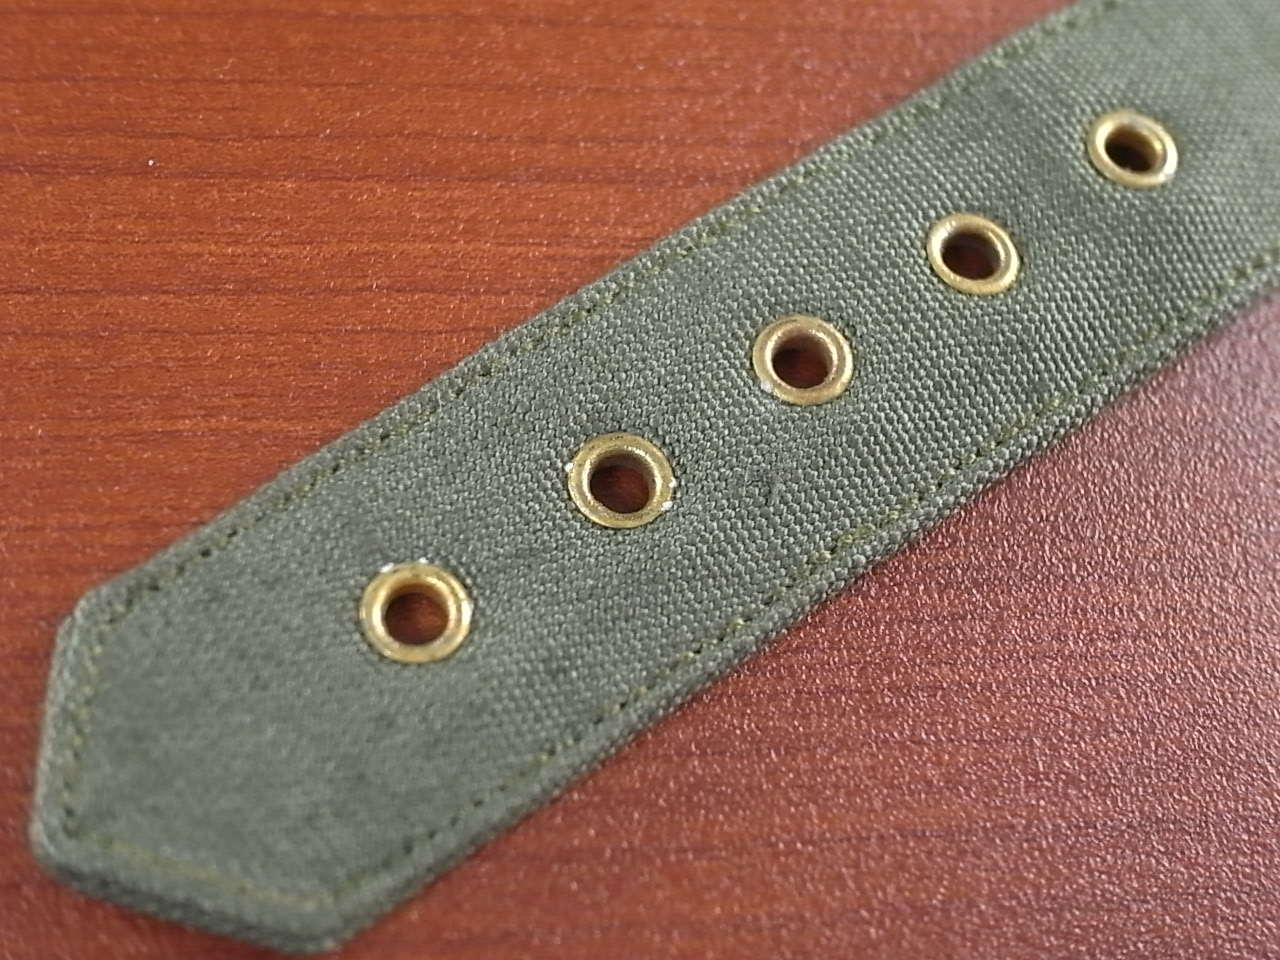 米軍 コットンベルト N.O.S. No.2 金色金具の写真4枚目